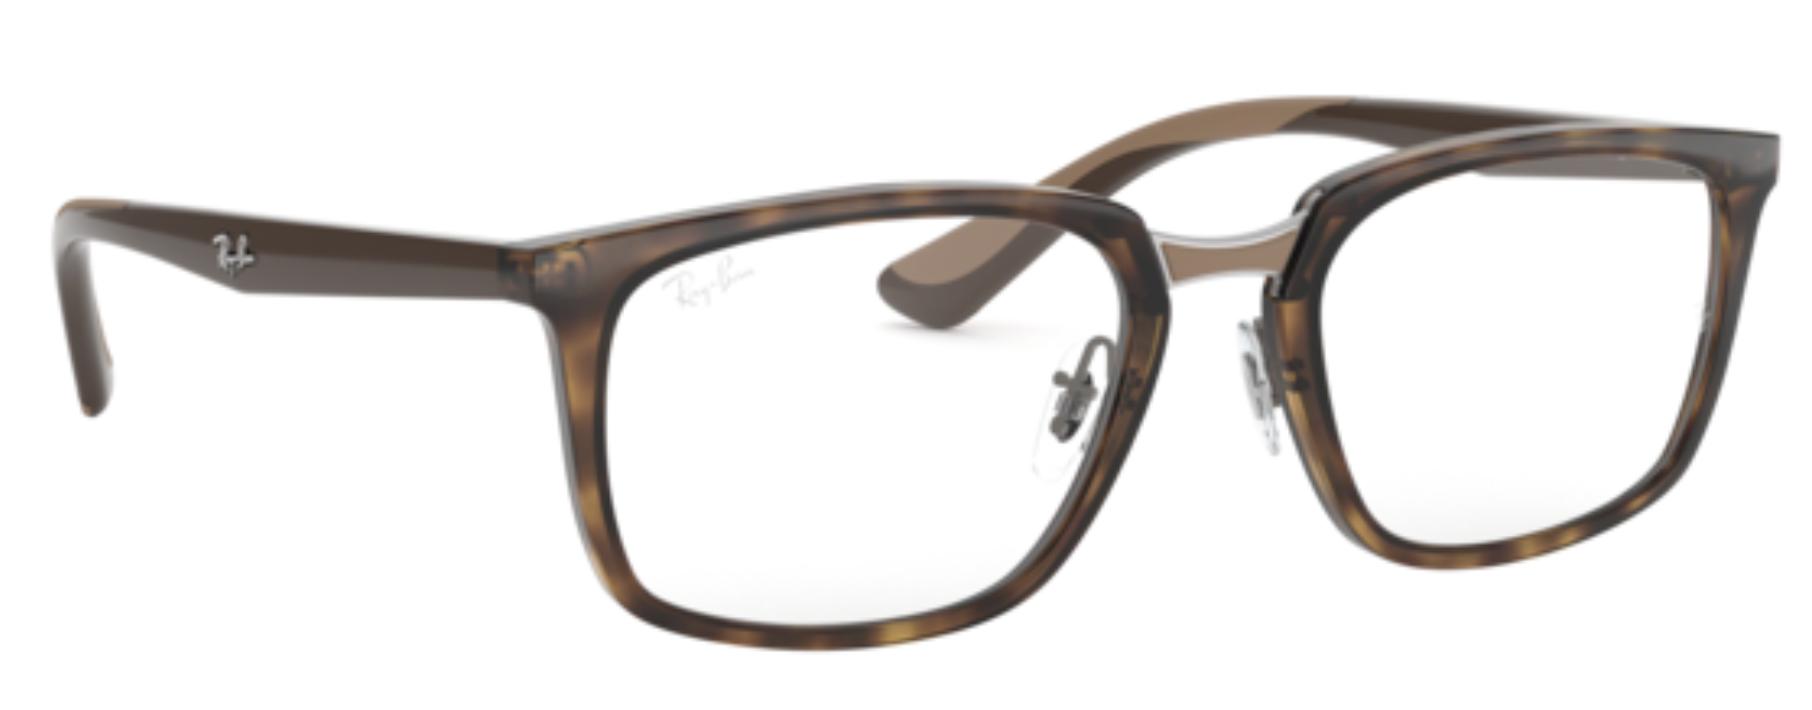 Óculos De Grau Ray Ban Tortoise RB7148 2012 Tam. 54